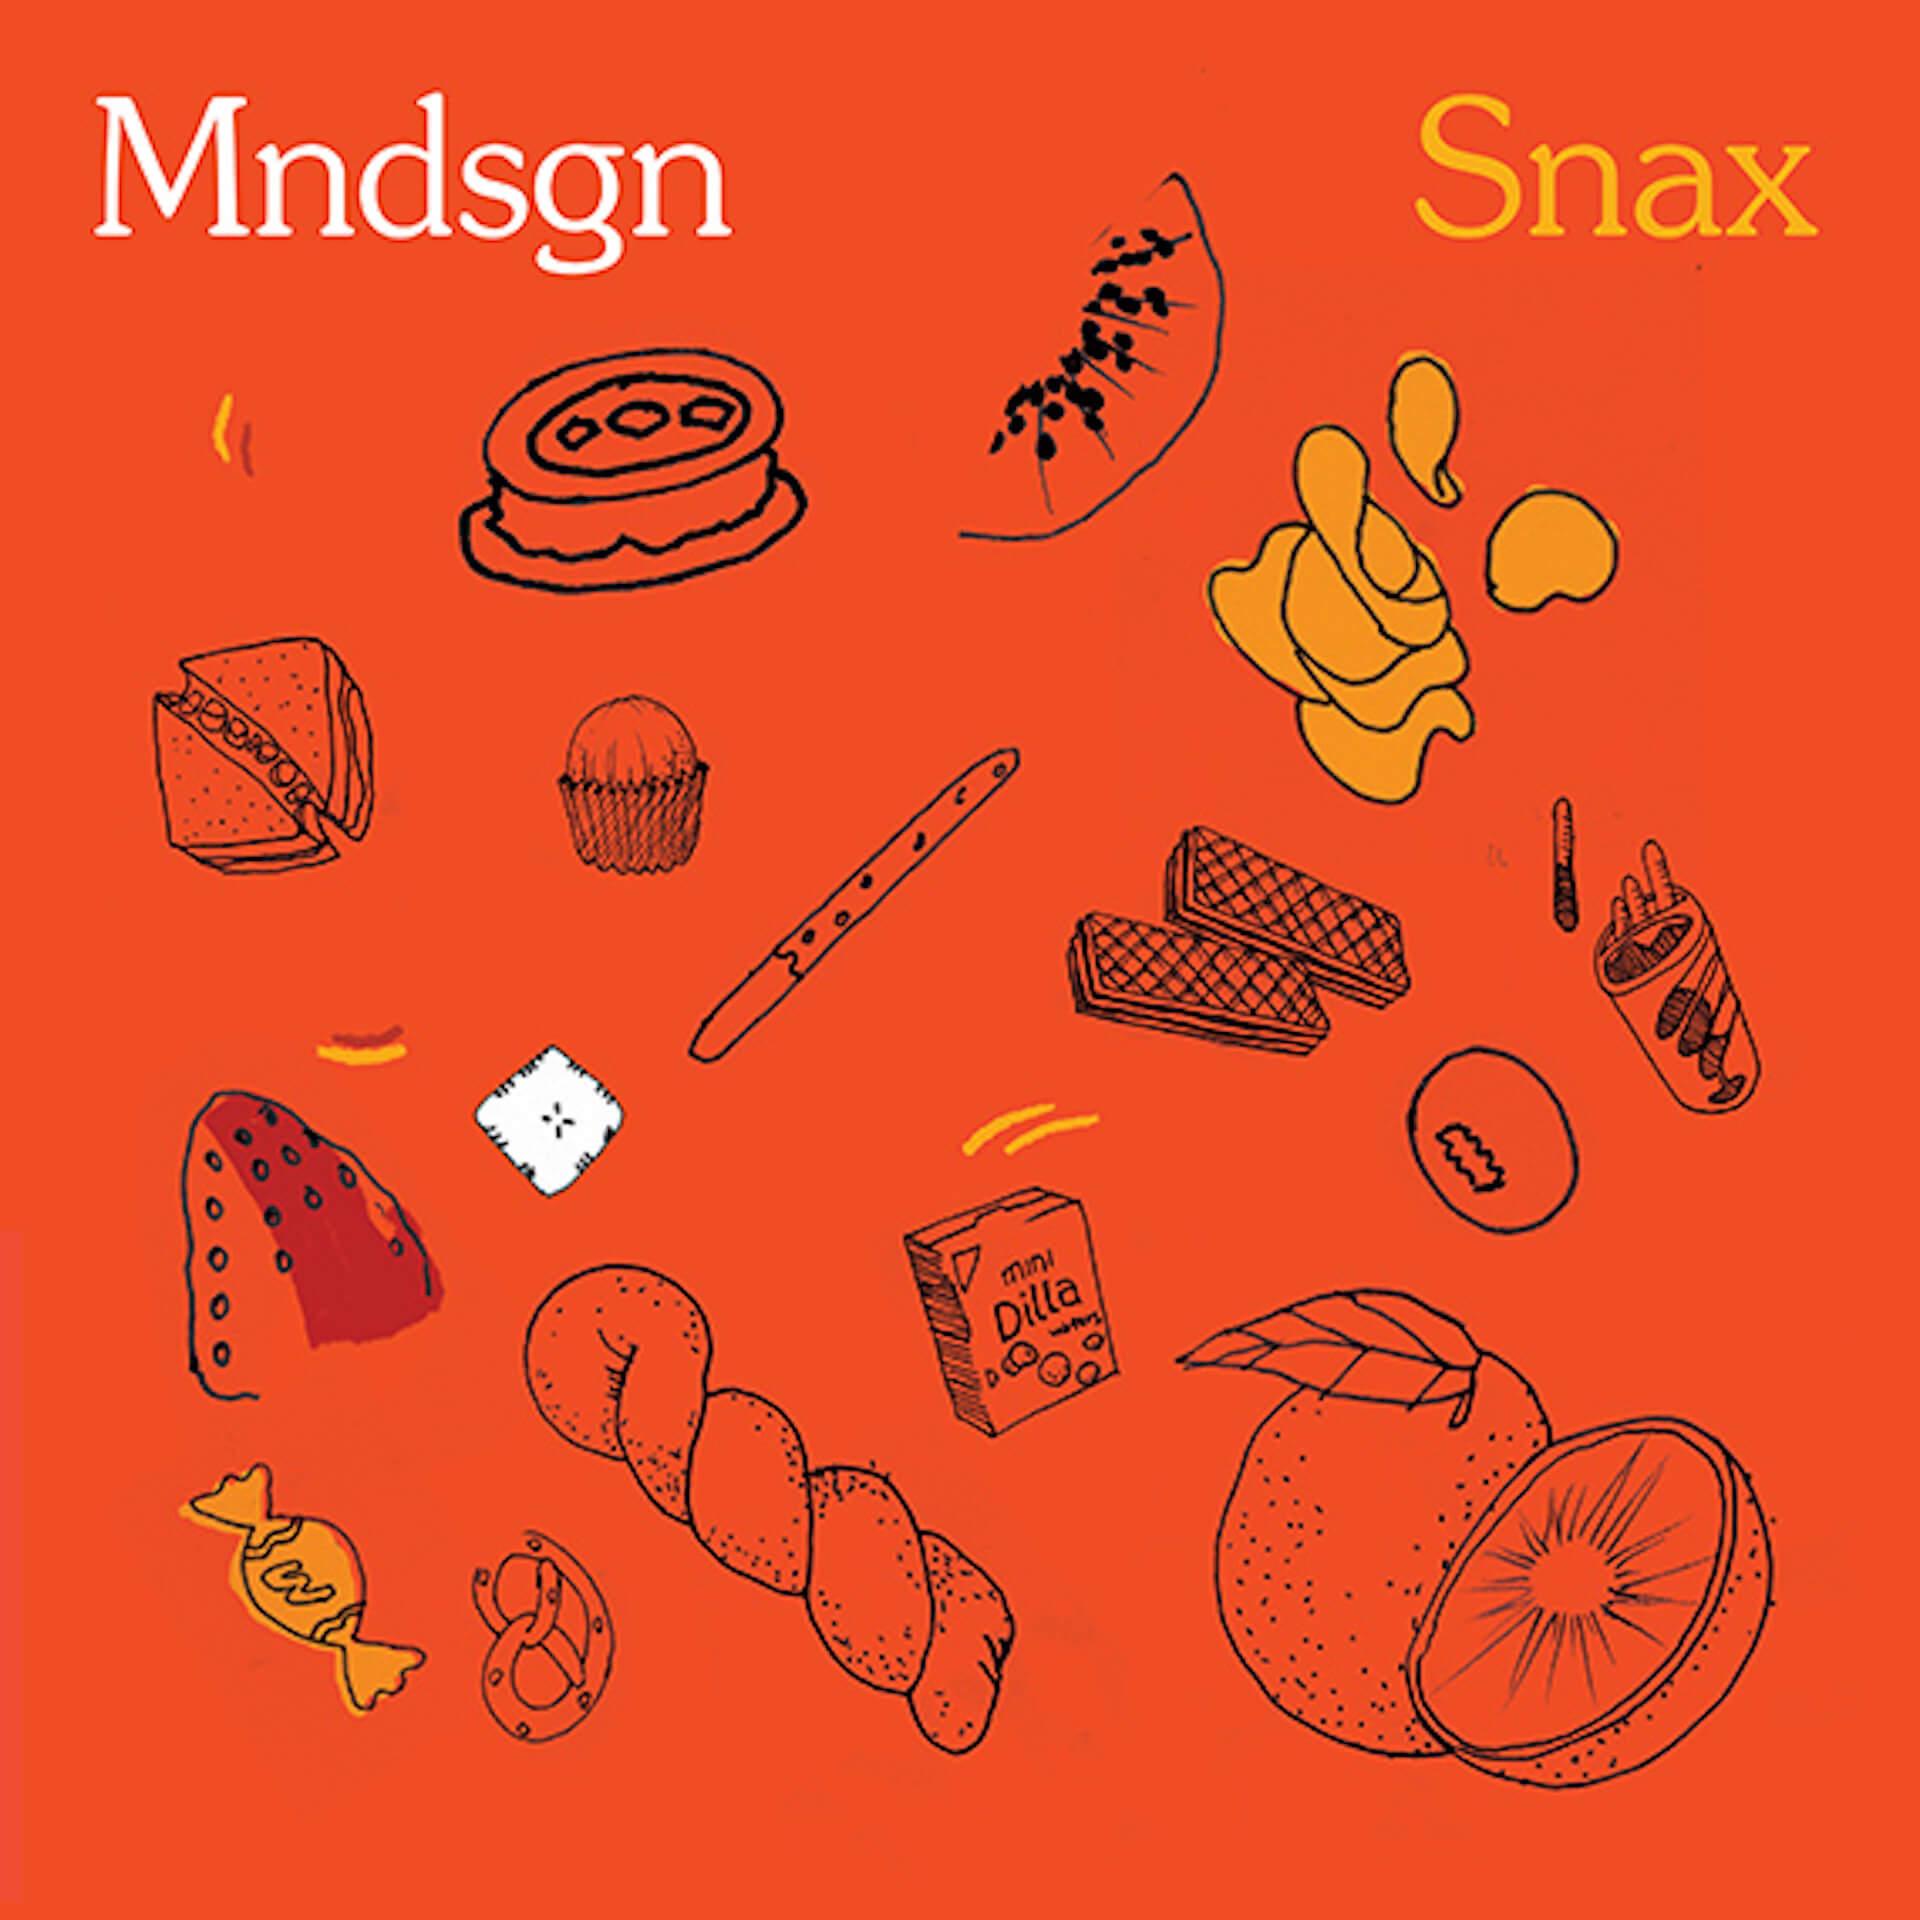 【メールインタビュー】Mndsgn|ちぐはぐした世界観 interview190314-mndsgn-1